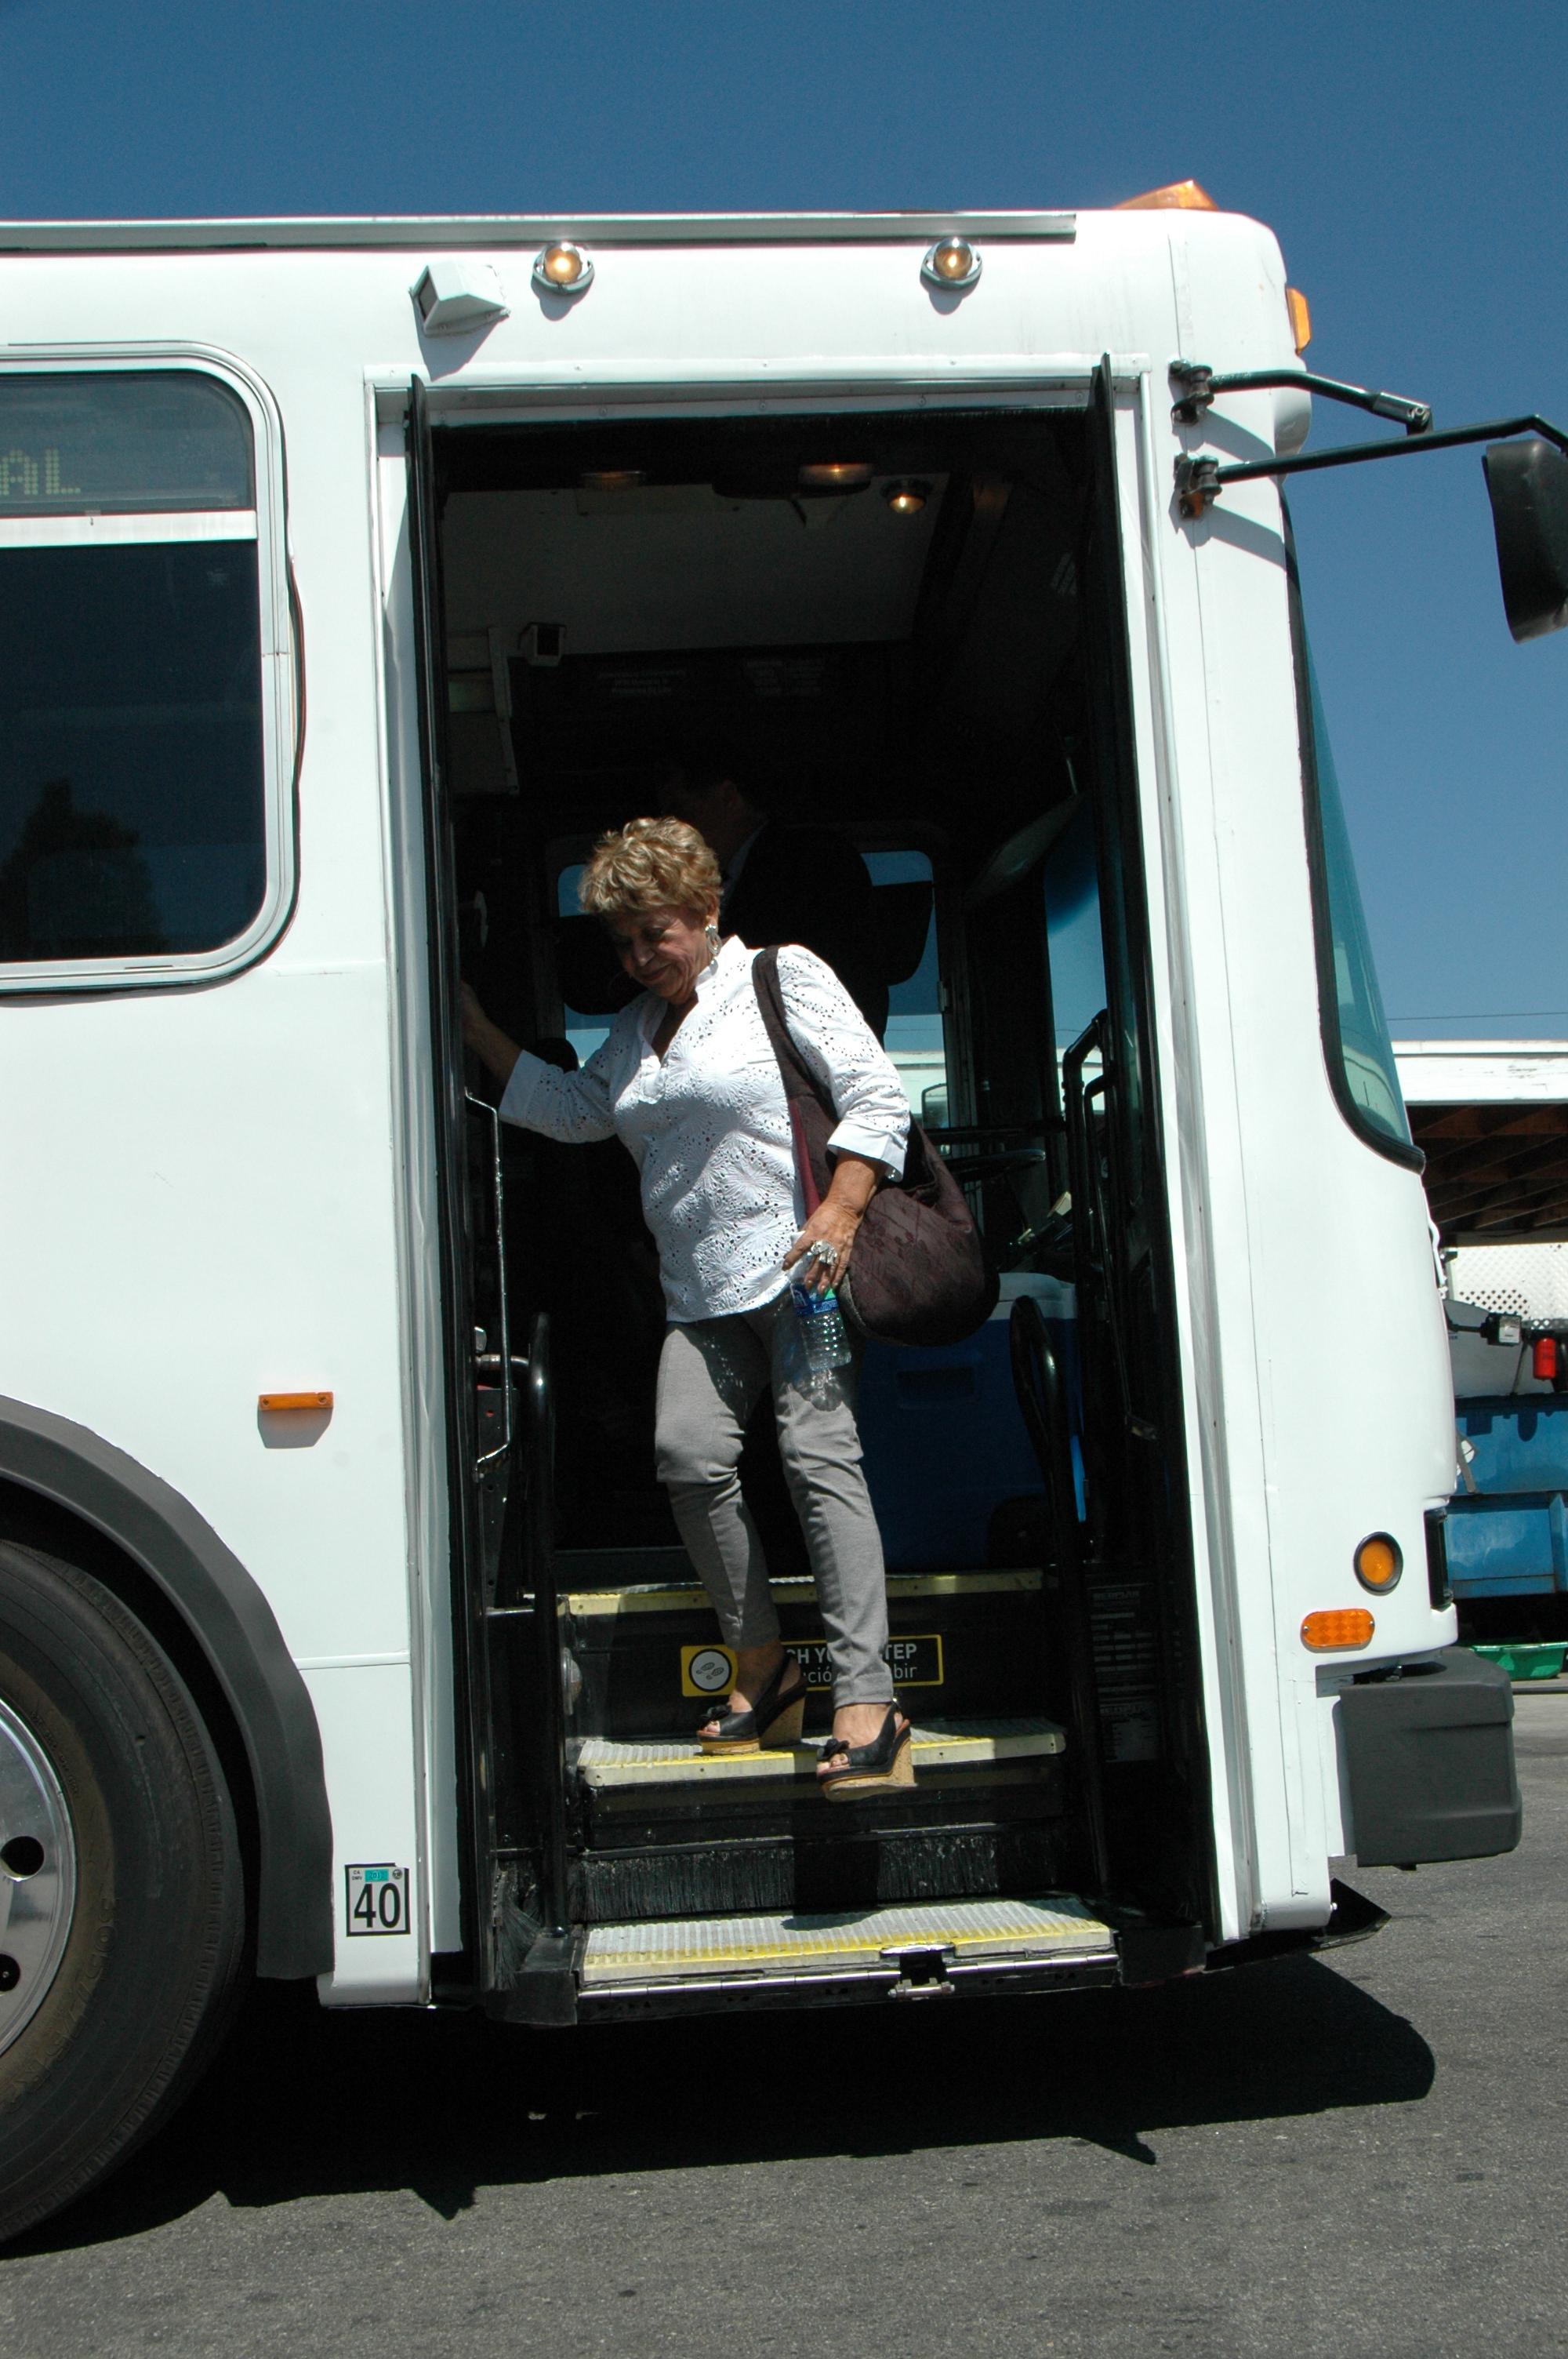 La actriz Lupe Ontiveros bajando del autobús. (Foto José Ubaldo/El Pasajero)